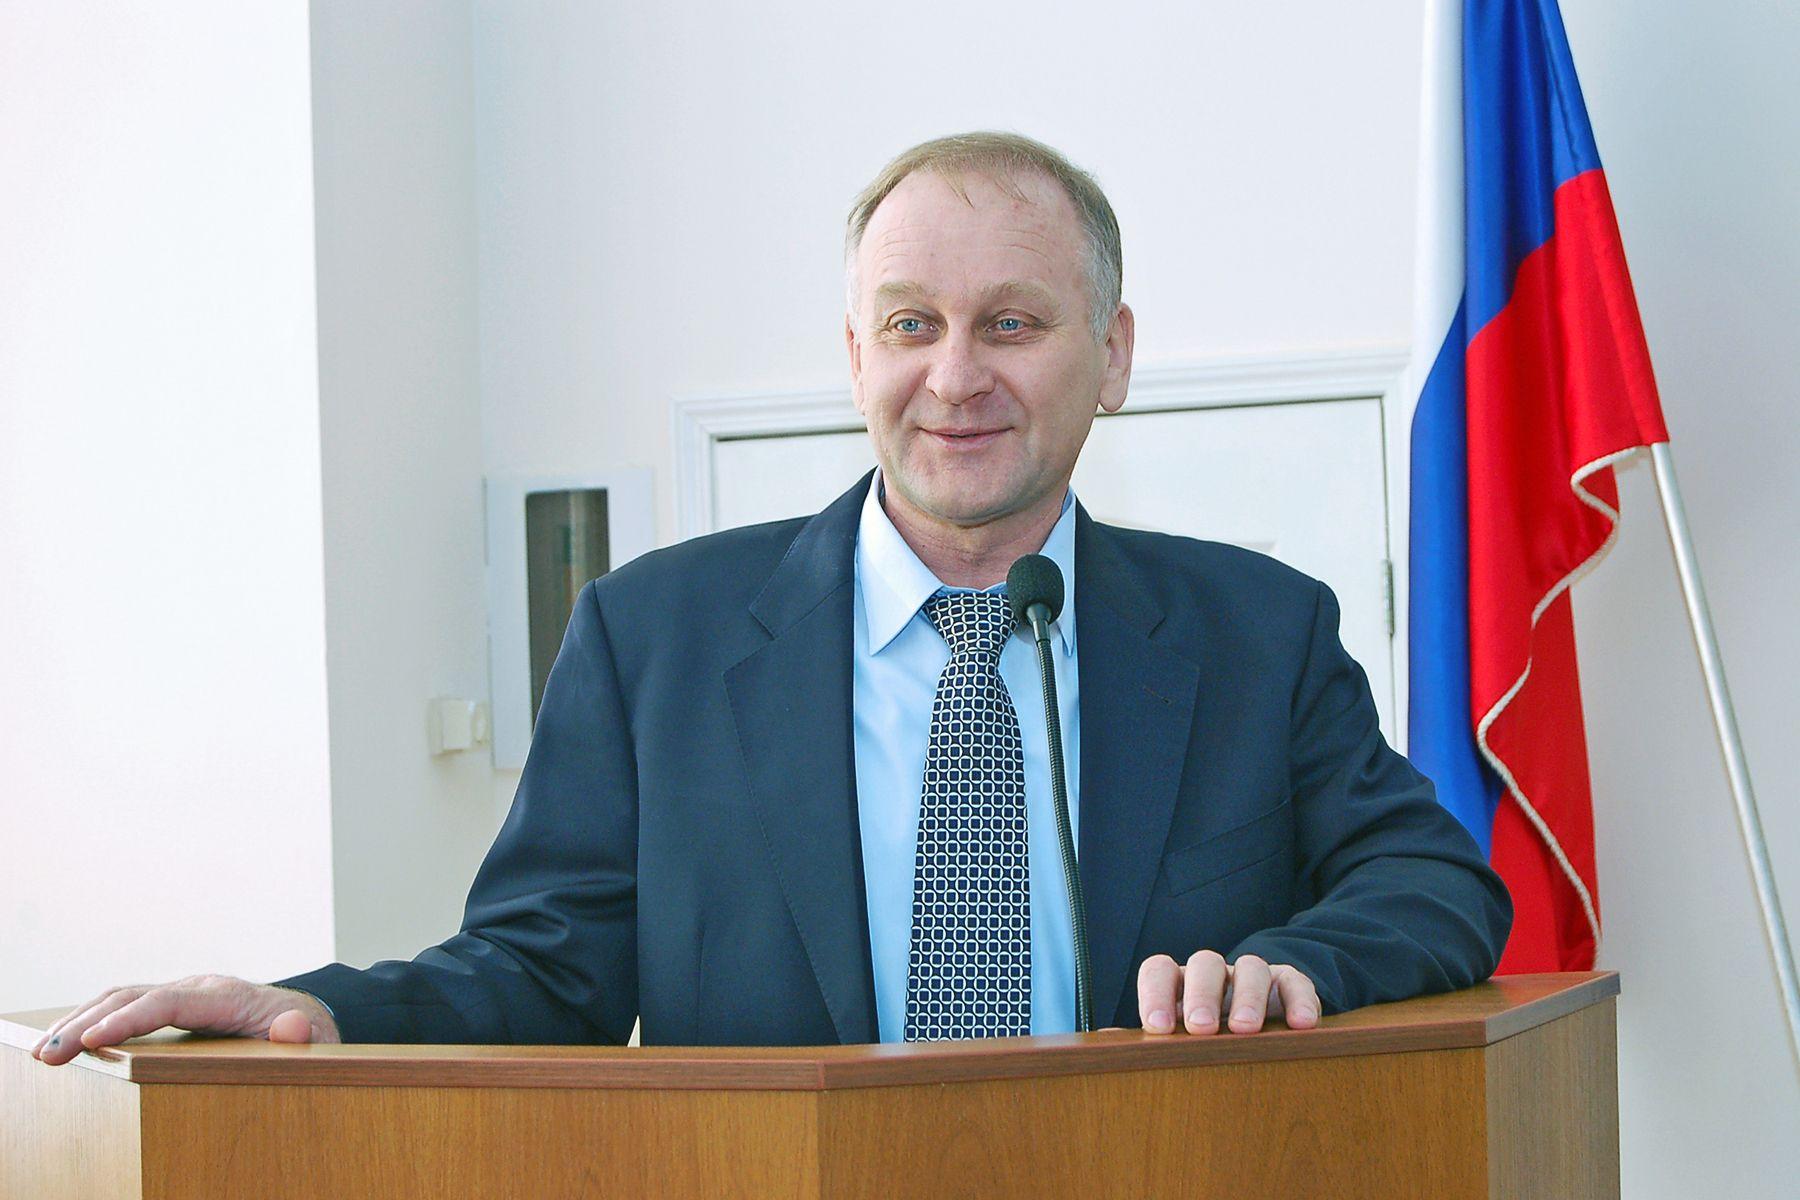 Президент ВГУЭС, депутат Законодательного Собрания Приморского края Геннадий Лазарев: У меня еще есть нереализованные идеи